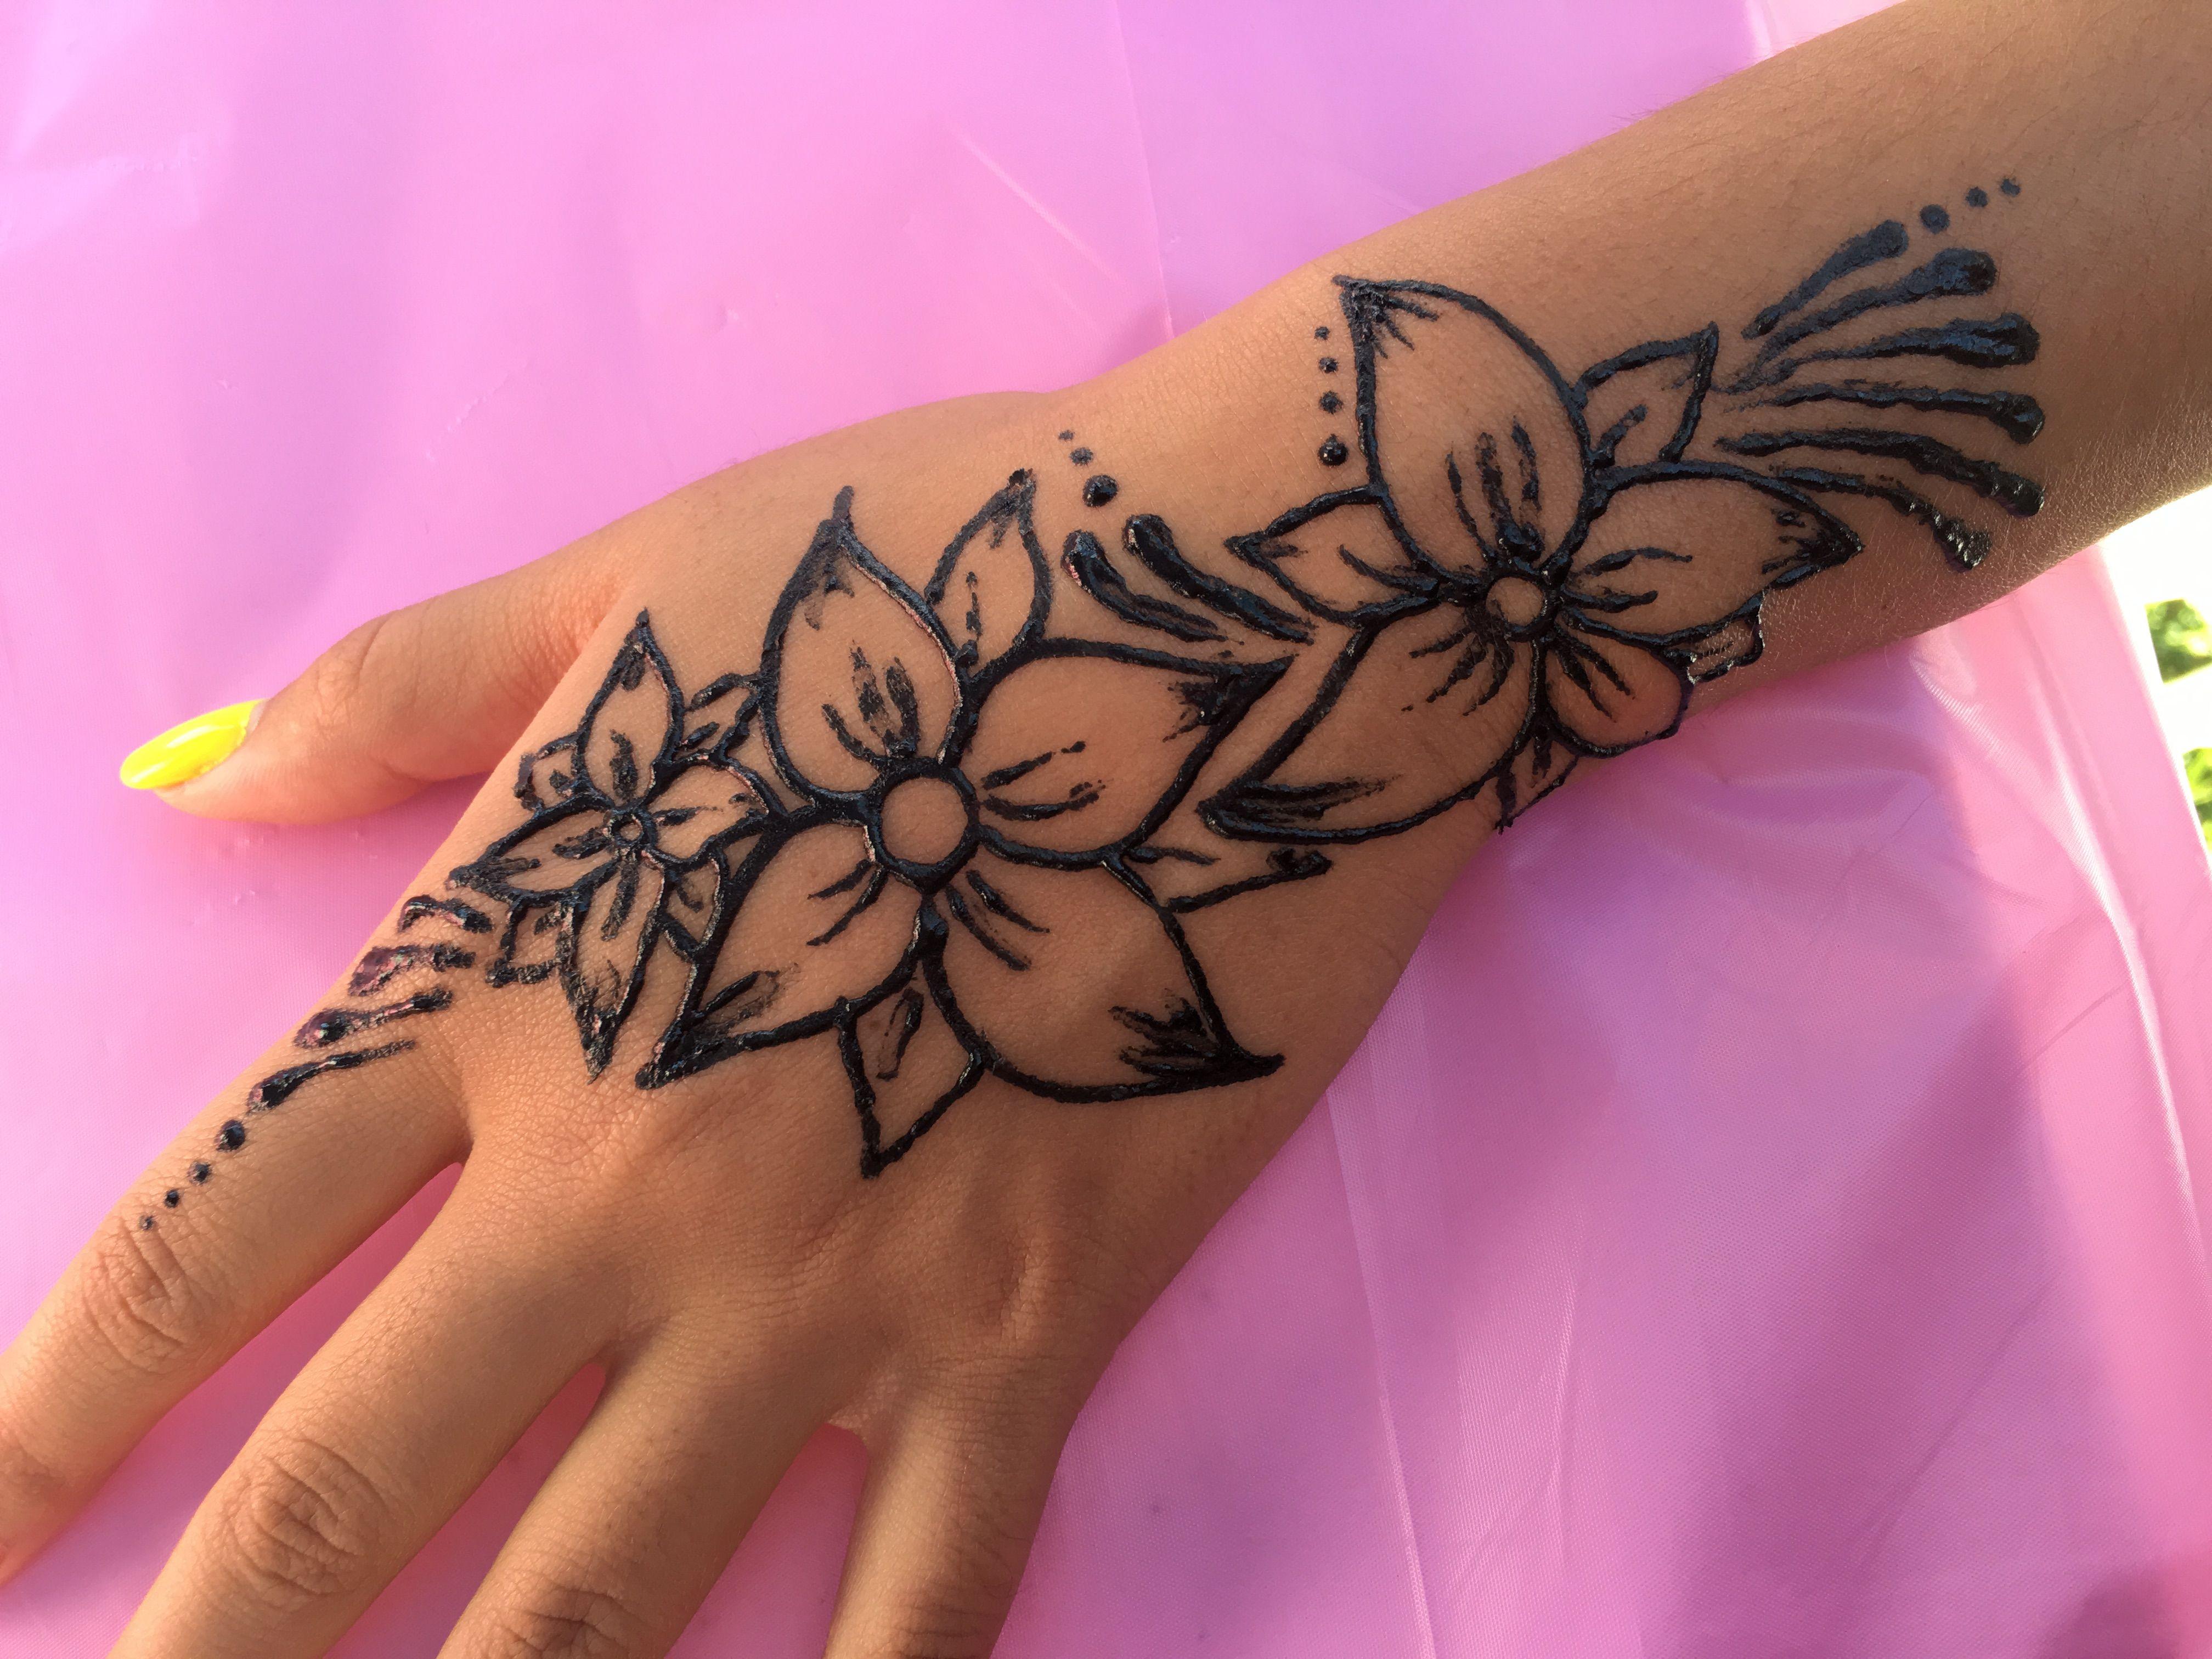 Detailed Flower Henna Tattoo Design Medium To Large Size Henna Tattoo Designs Flower Tattoo Designs Henna Designs Easy